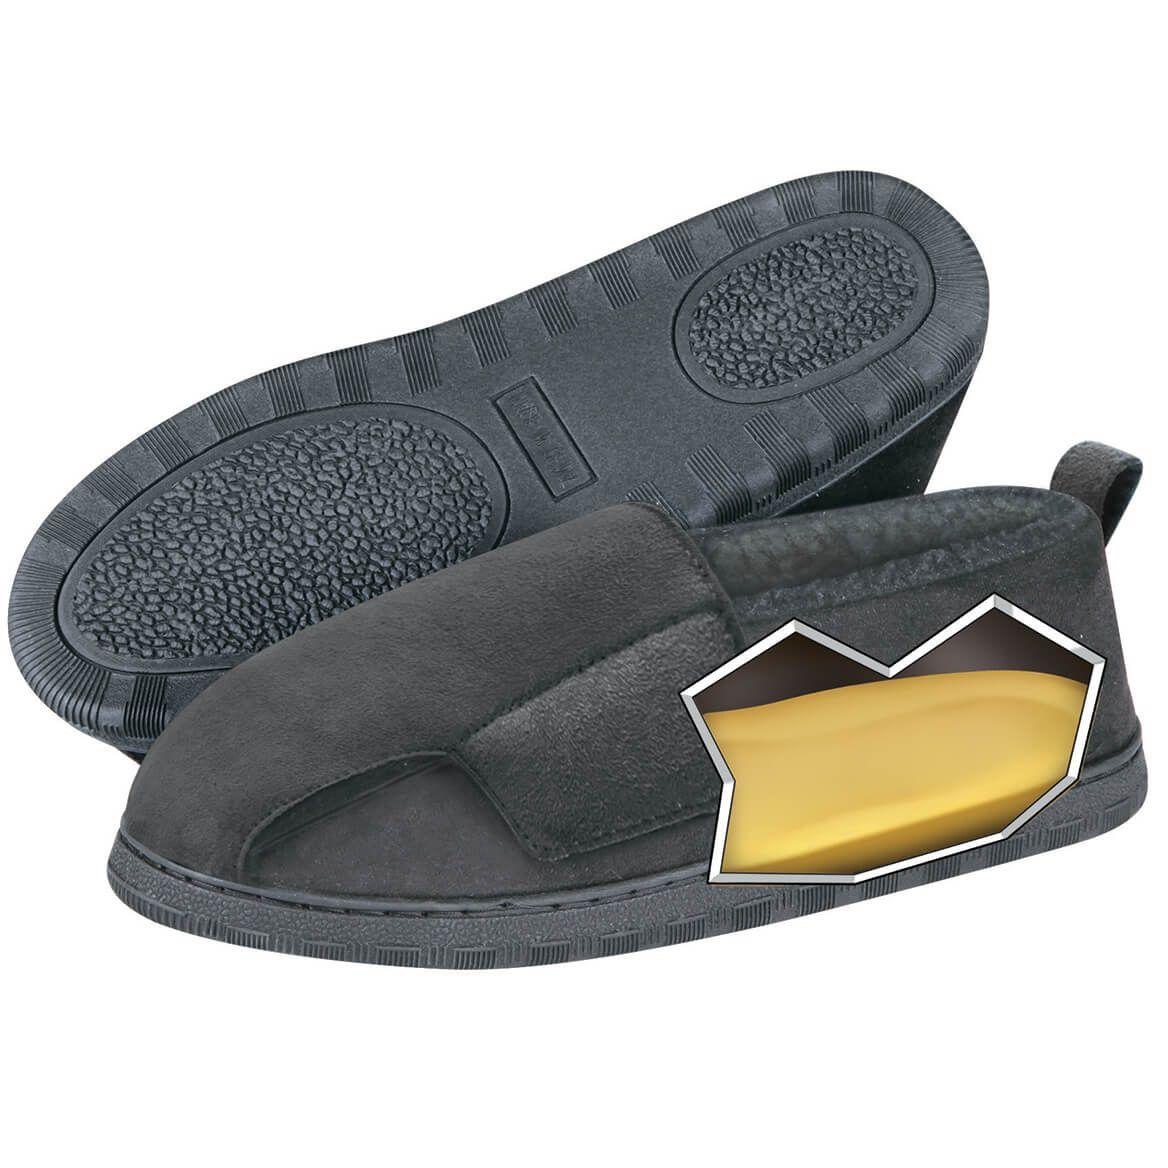 Adjustable Swollen Feet Loafers Ladies-369907